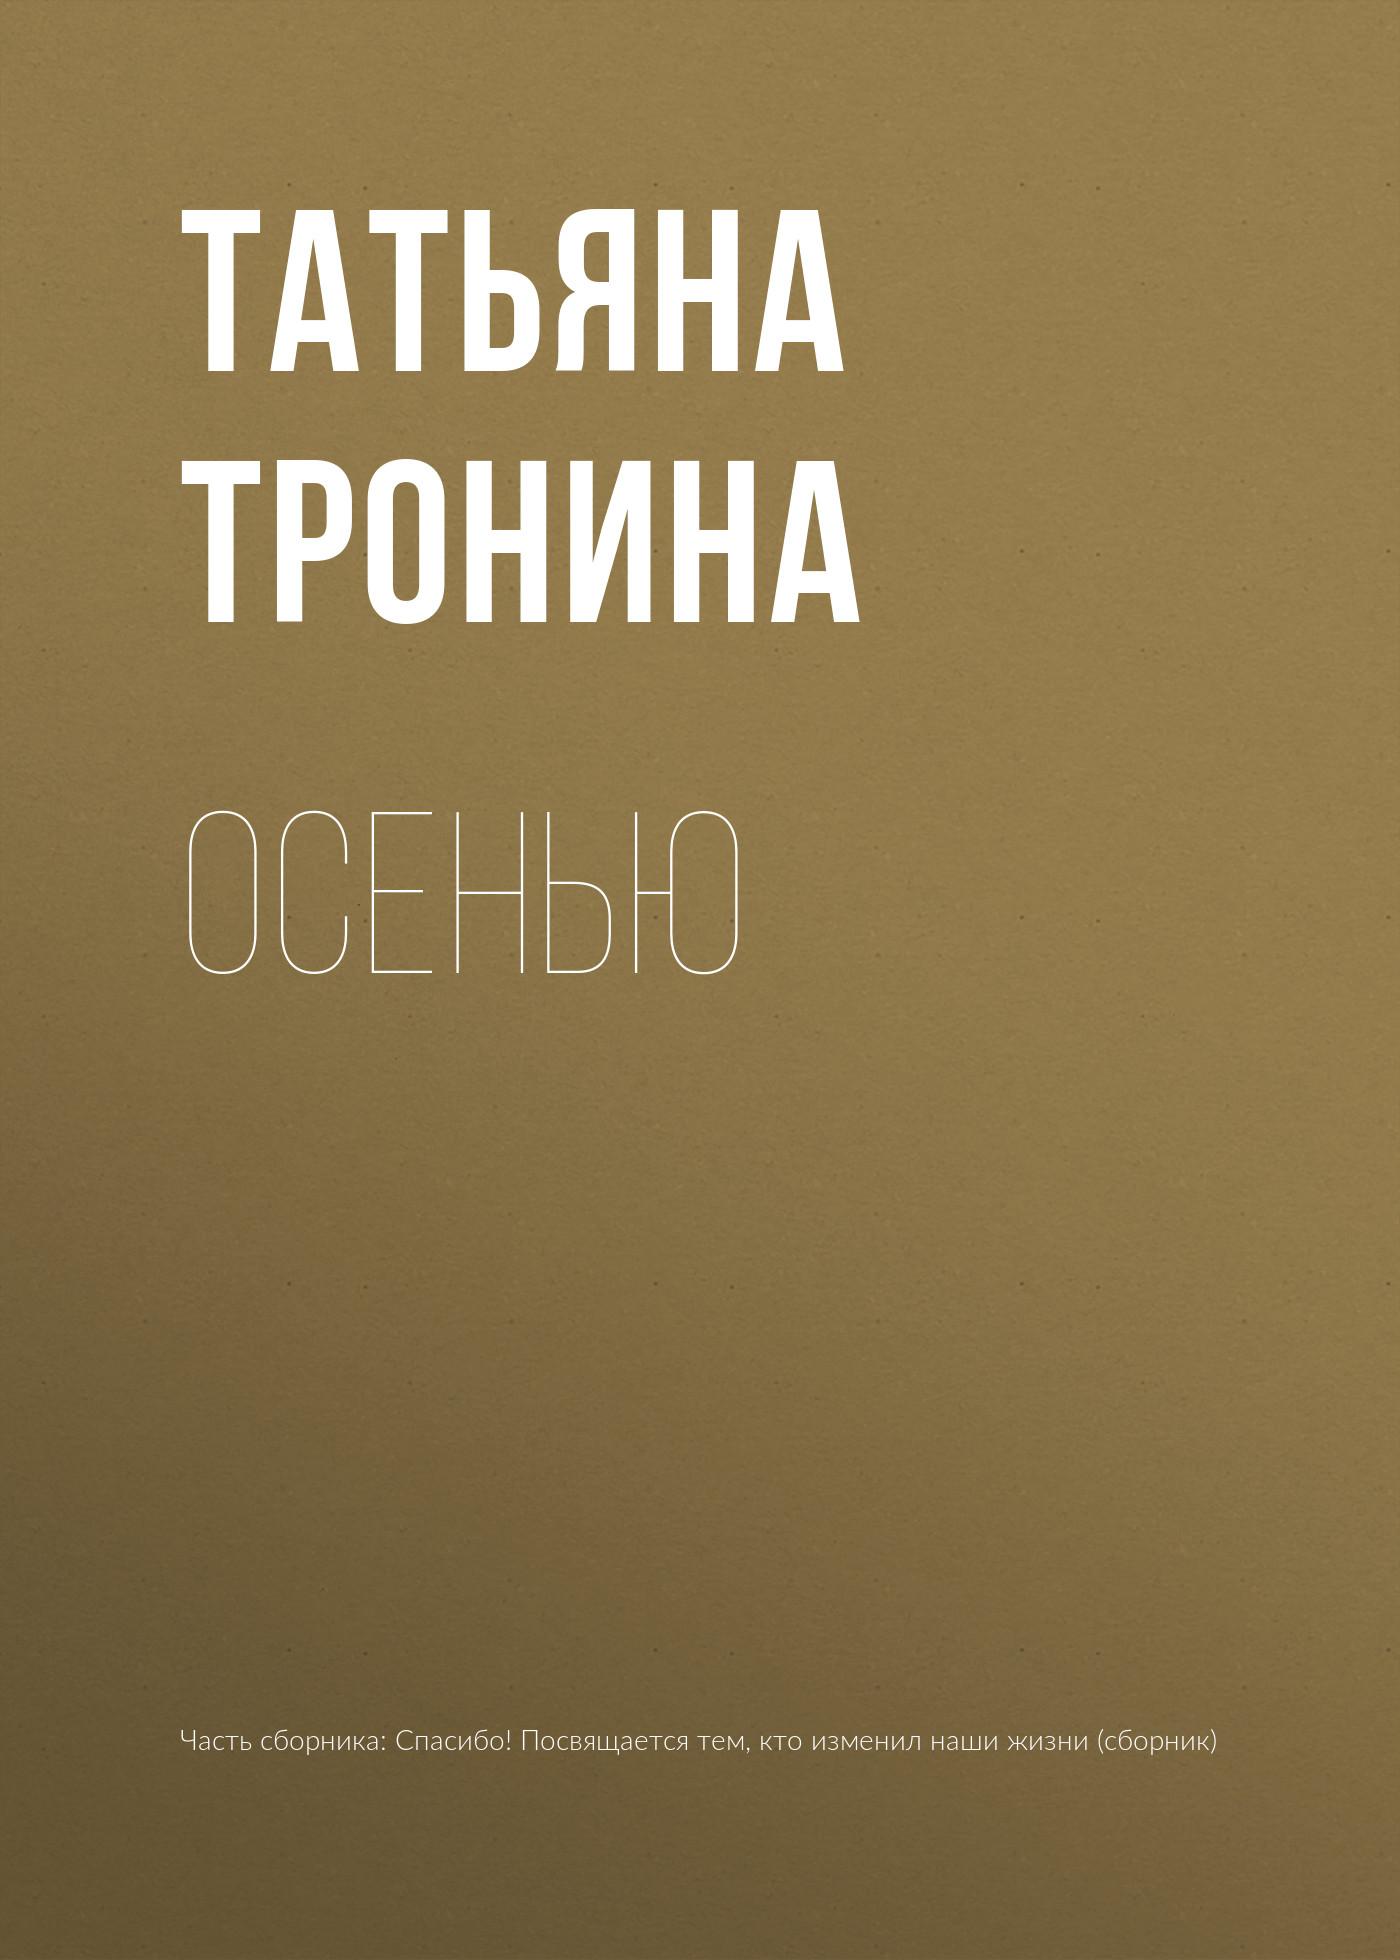 Фото - Татьяна Тронина Осенью конструктор nd play автомобильный парк 265 608